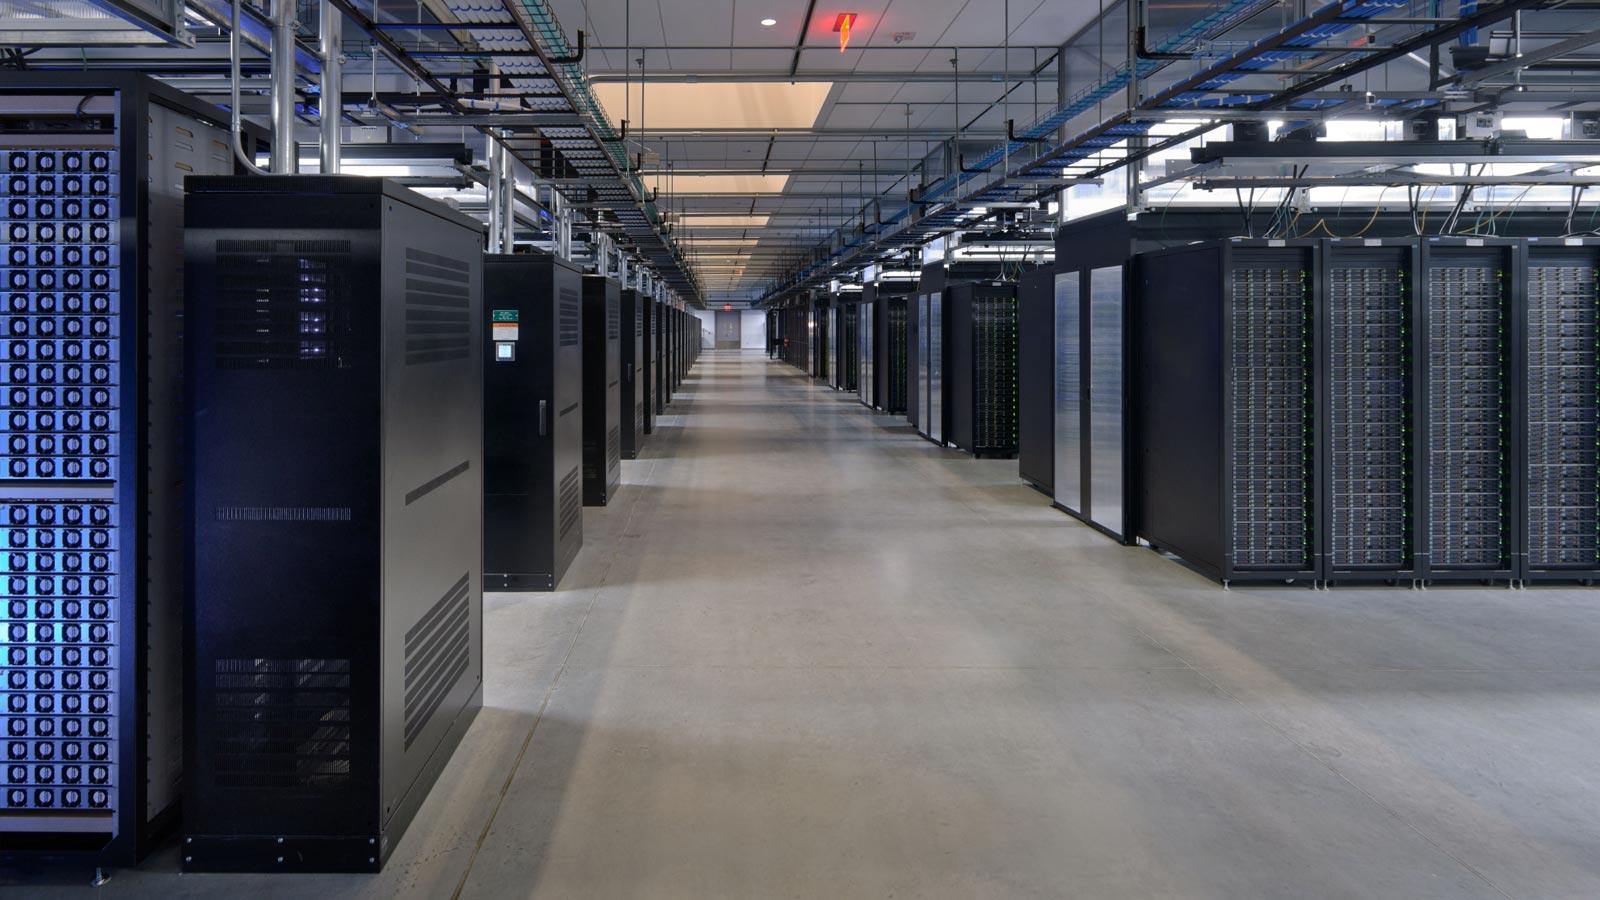 L'une des nombreuses salles de serveurs de Facebook.